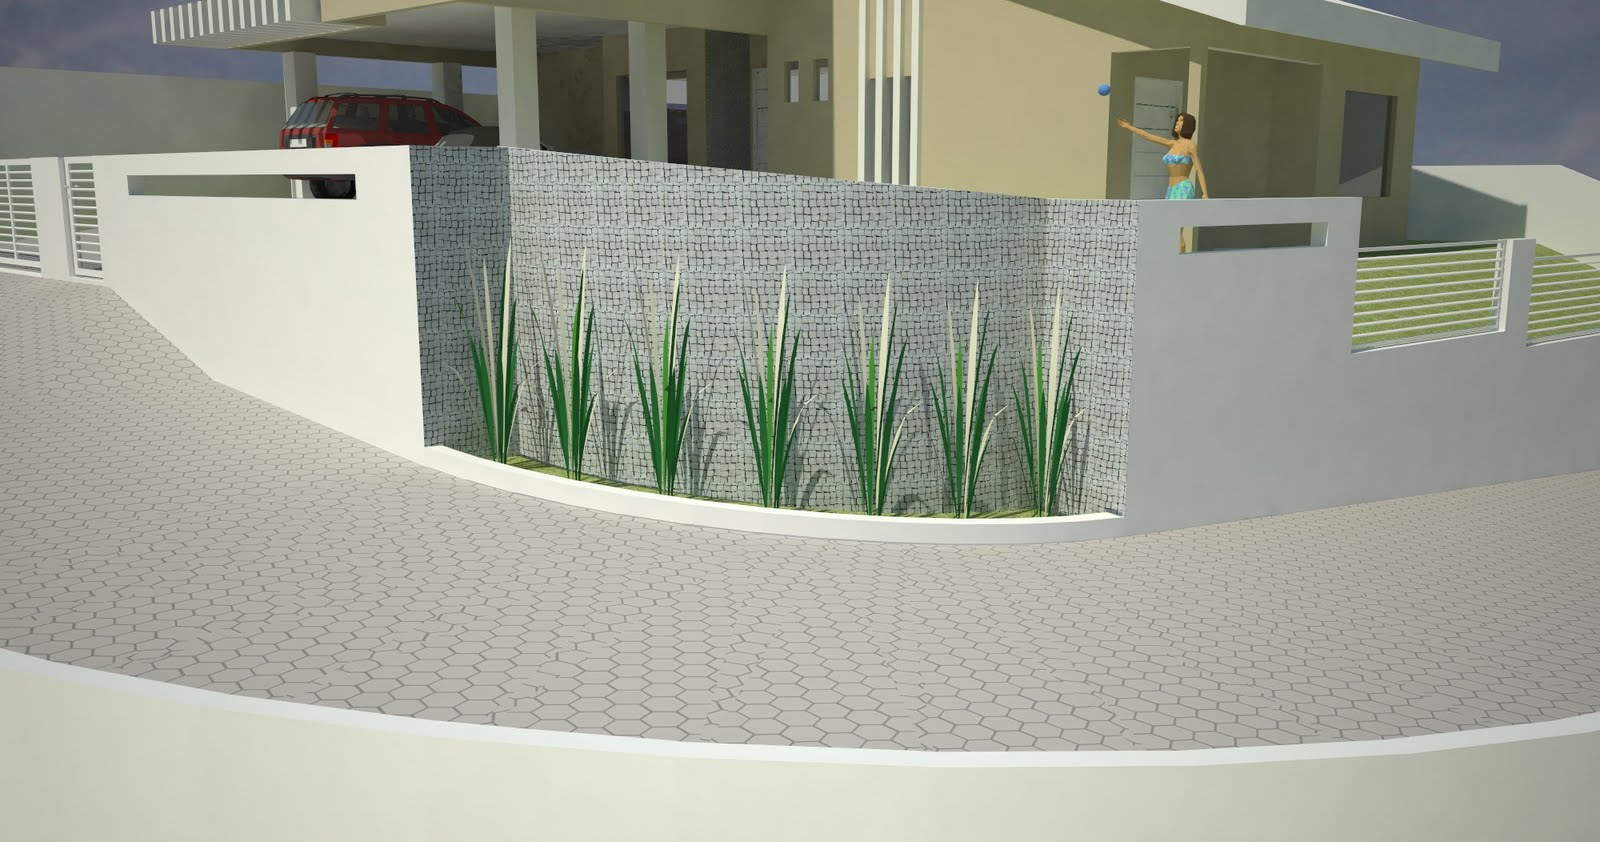 muro com folhagens